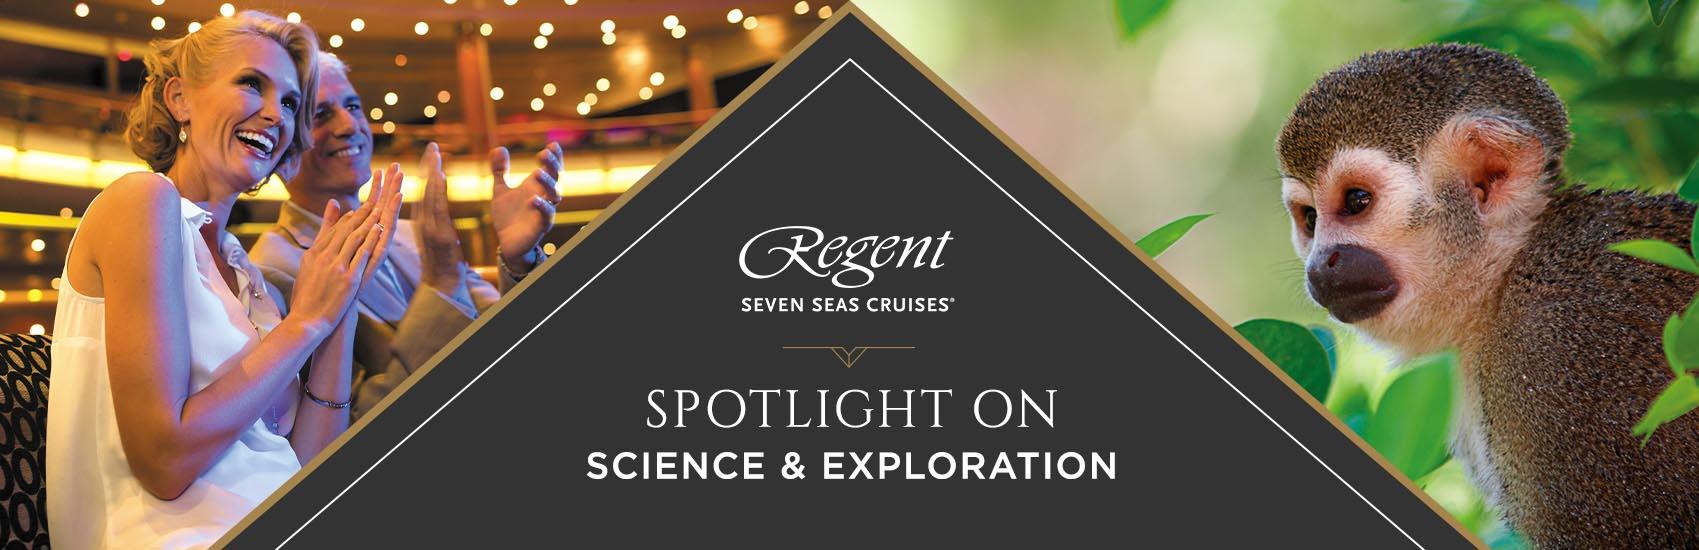 Se retrouver et célébrer avec Regent Seven Seas Cruises 5